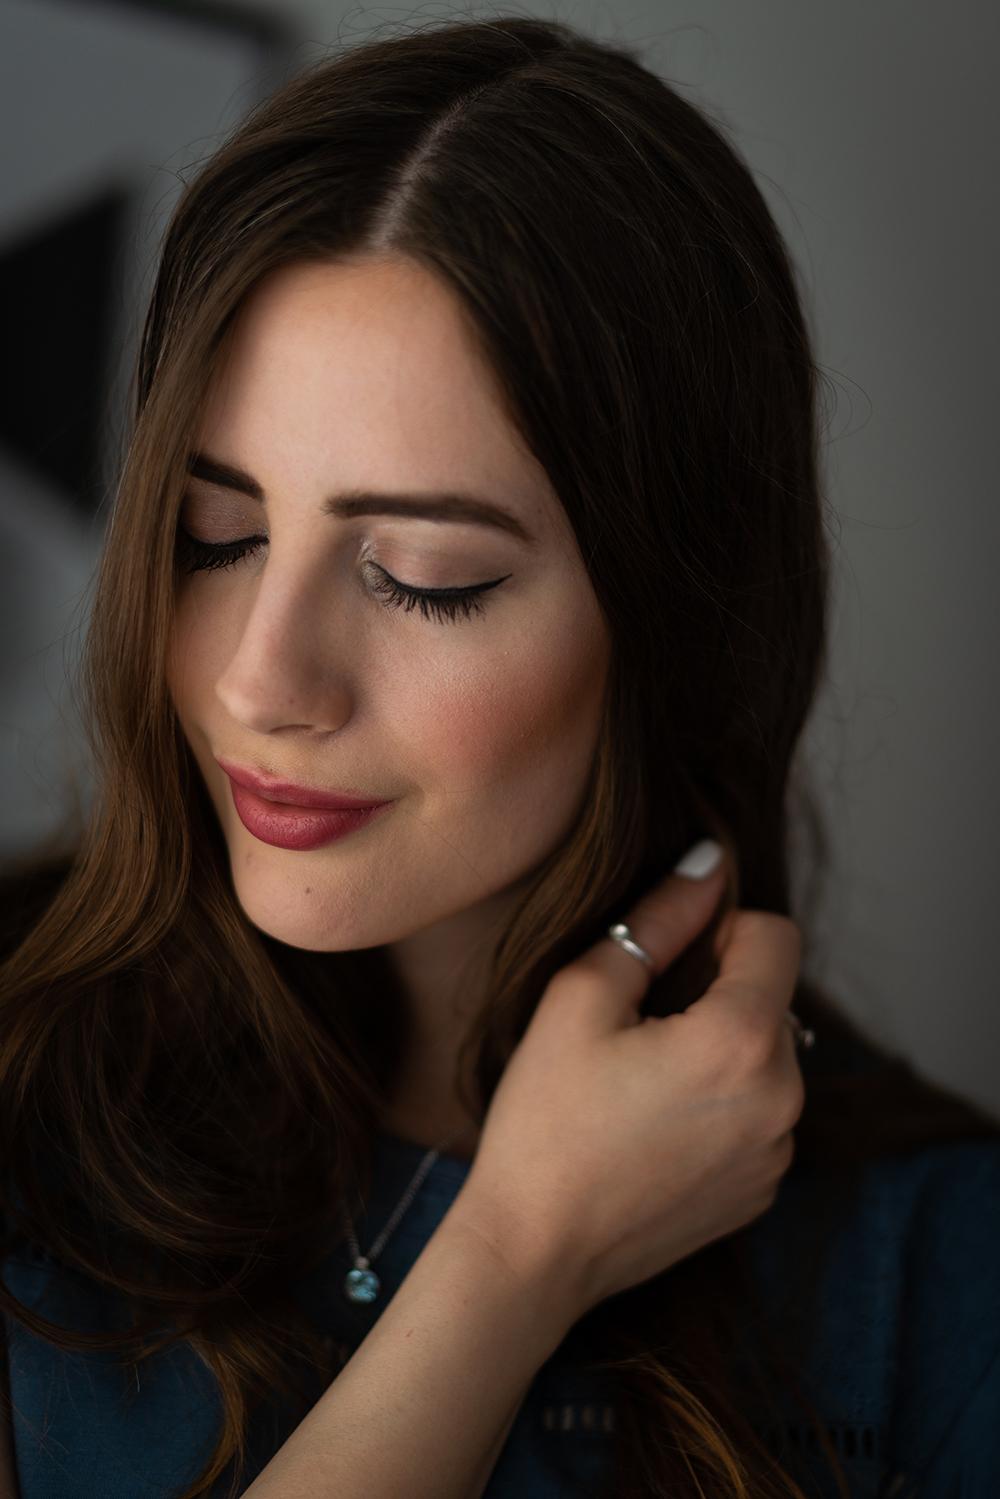 Natürliches Frühlings Make-Up-Beautyblog-Alcina Frühlings Make-Up-andysparkles